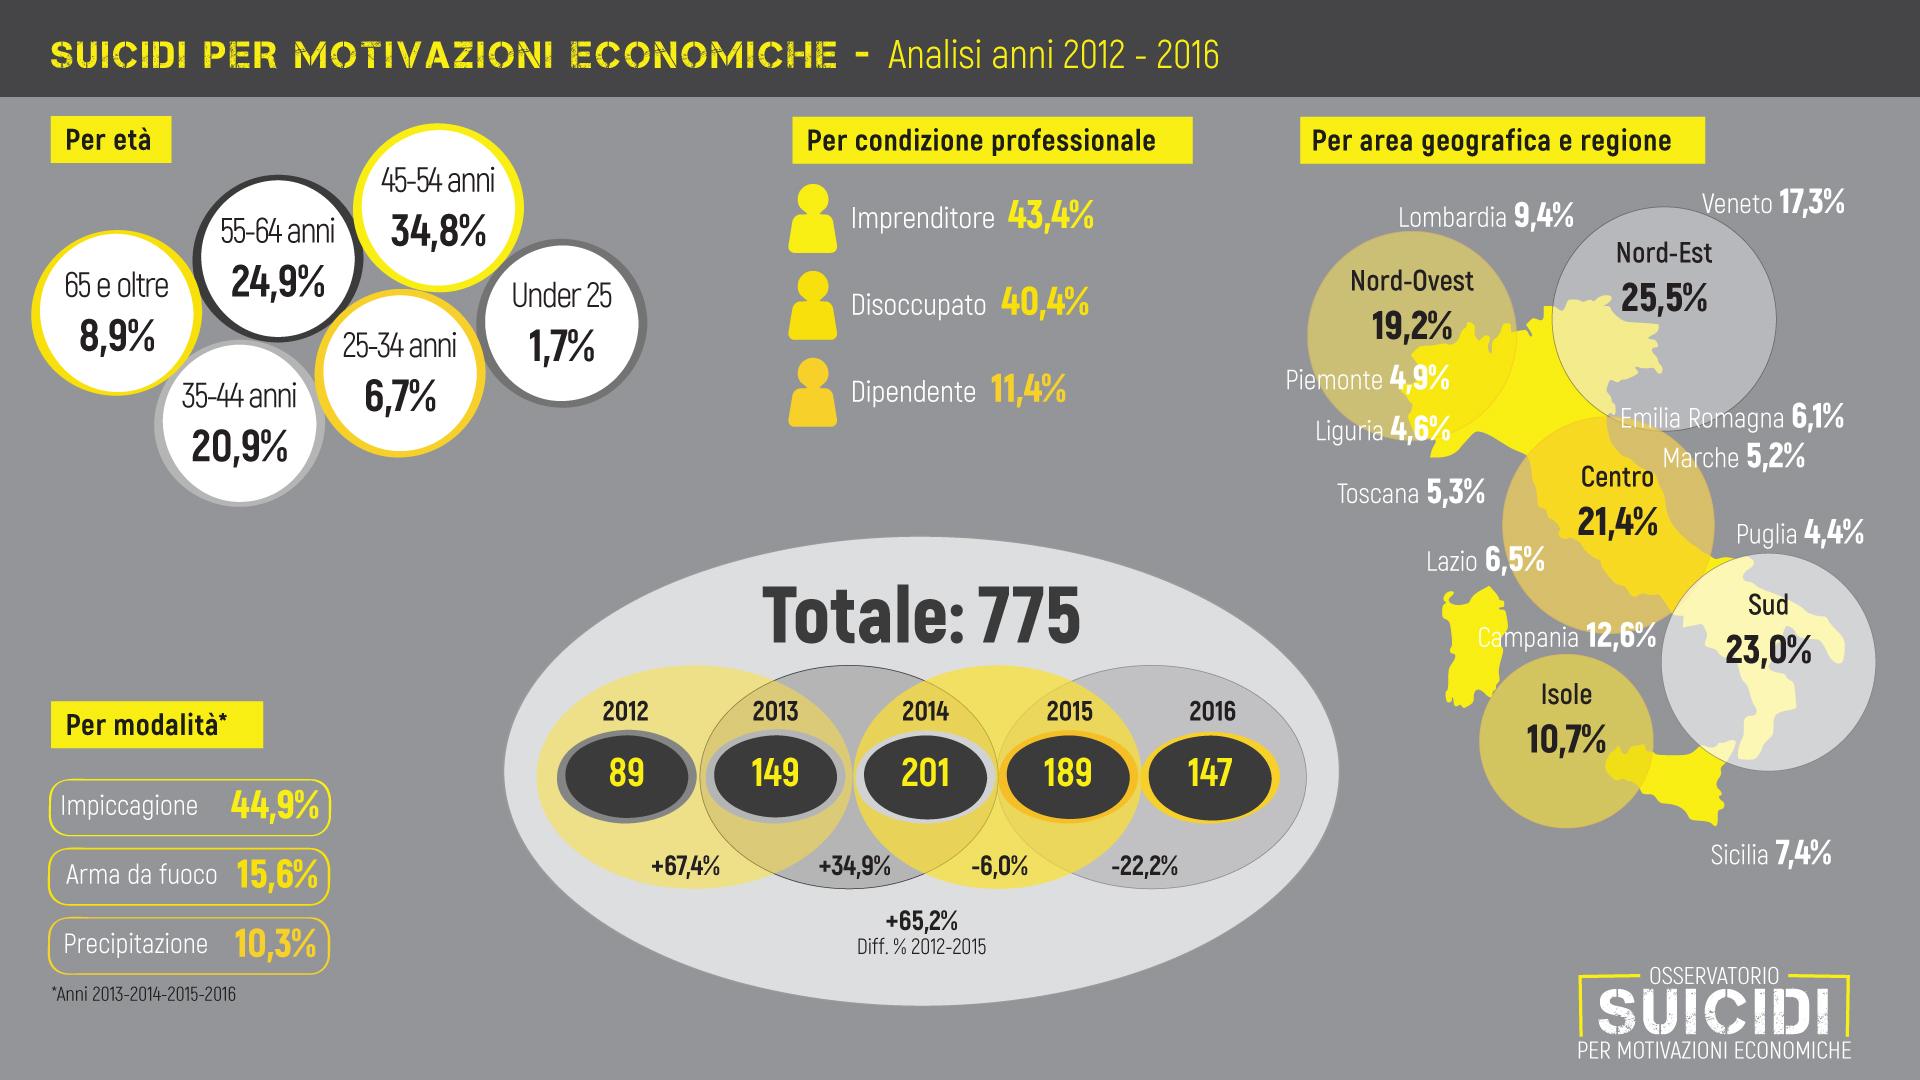 Suicidi-2012-2016